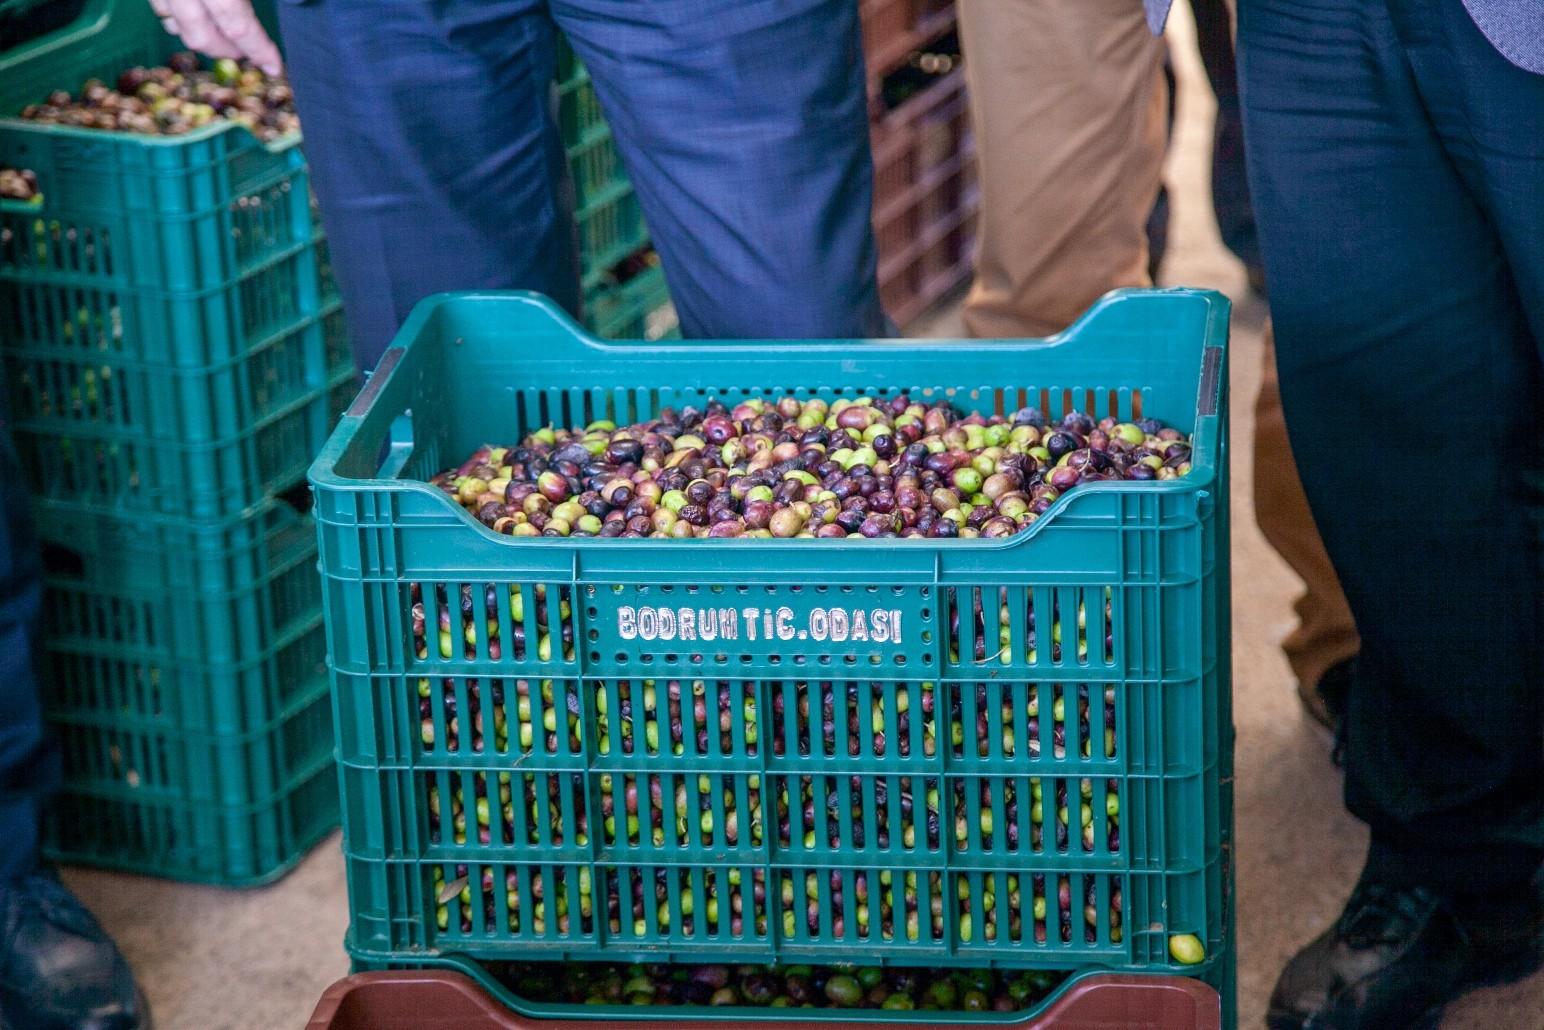 bekiroğlu zeytinyağı fabrikası ZEYTİN ÜRETİCİLERİNE ZEYTİN KASALARI DAĞITILACAK… zeytin kasalari ureticiye dagitildi 2